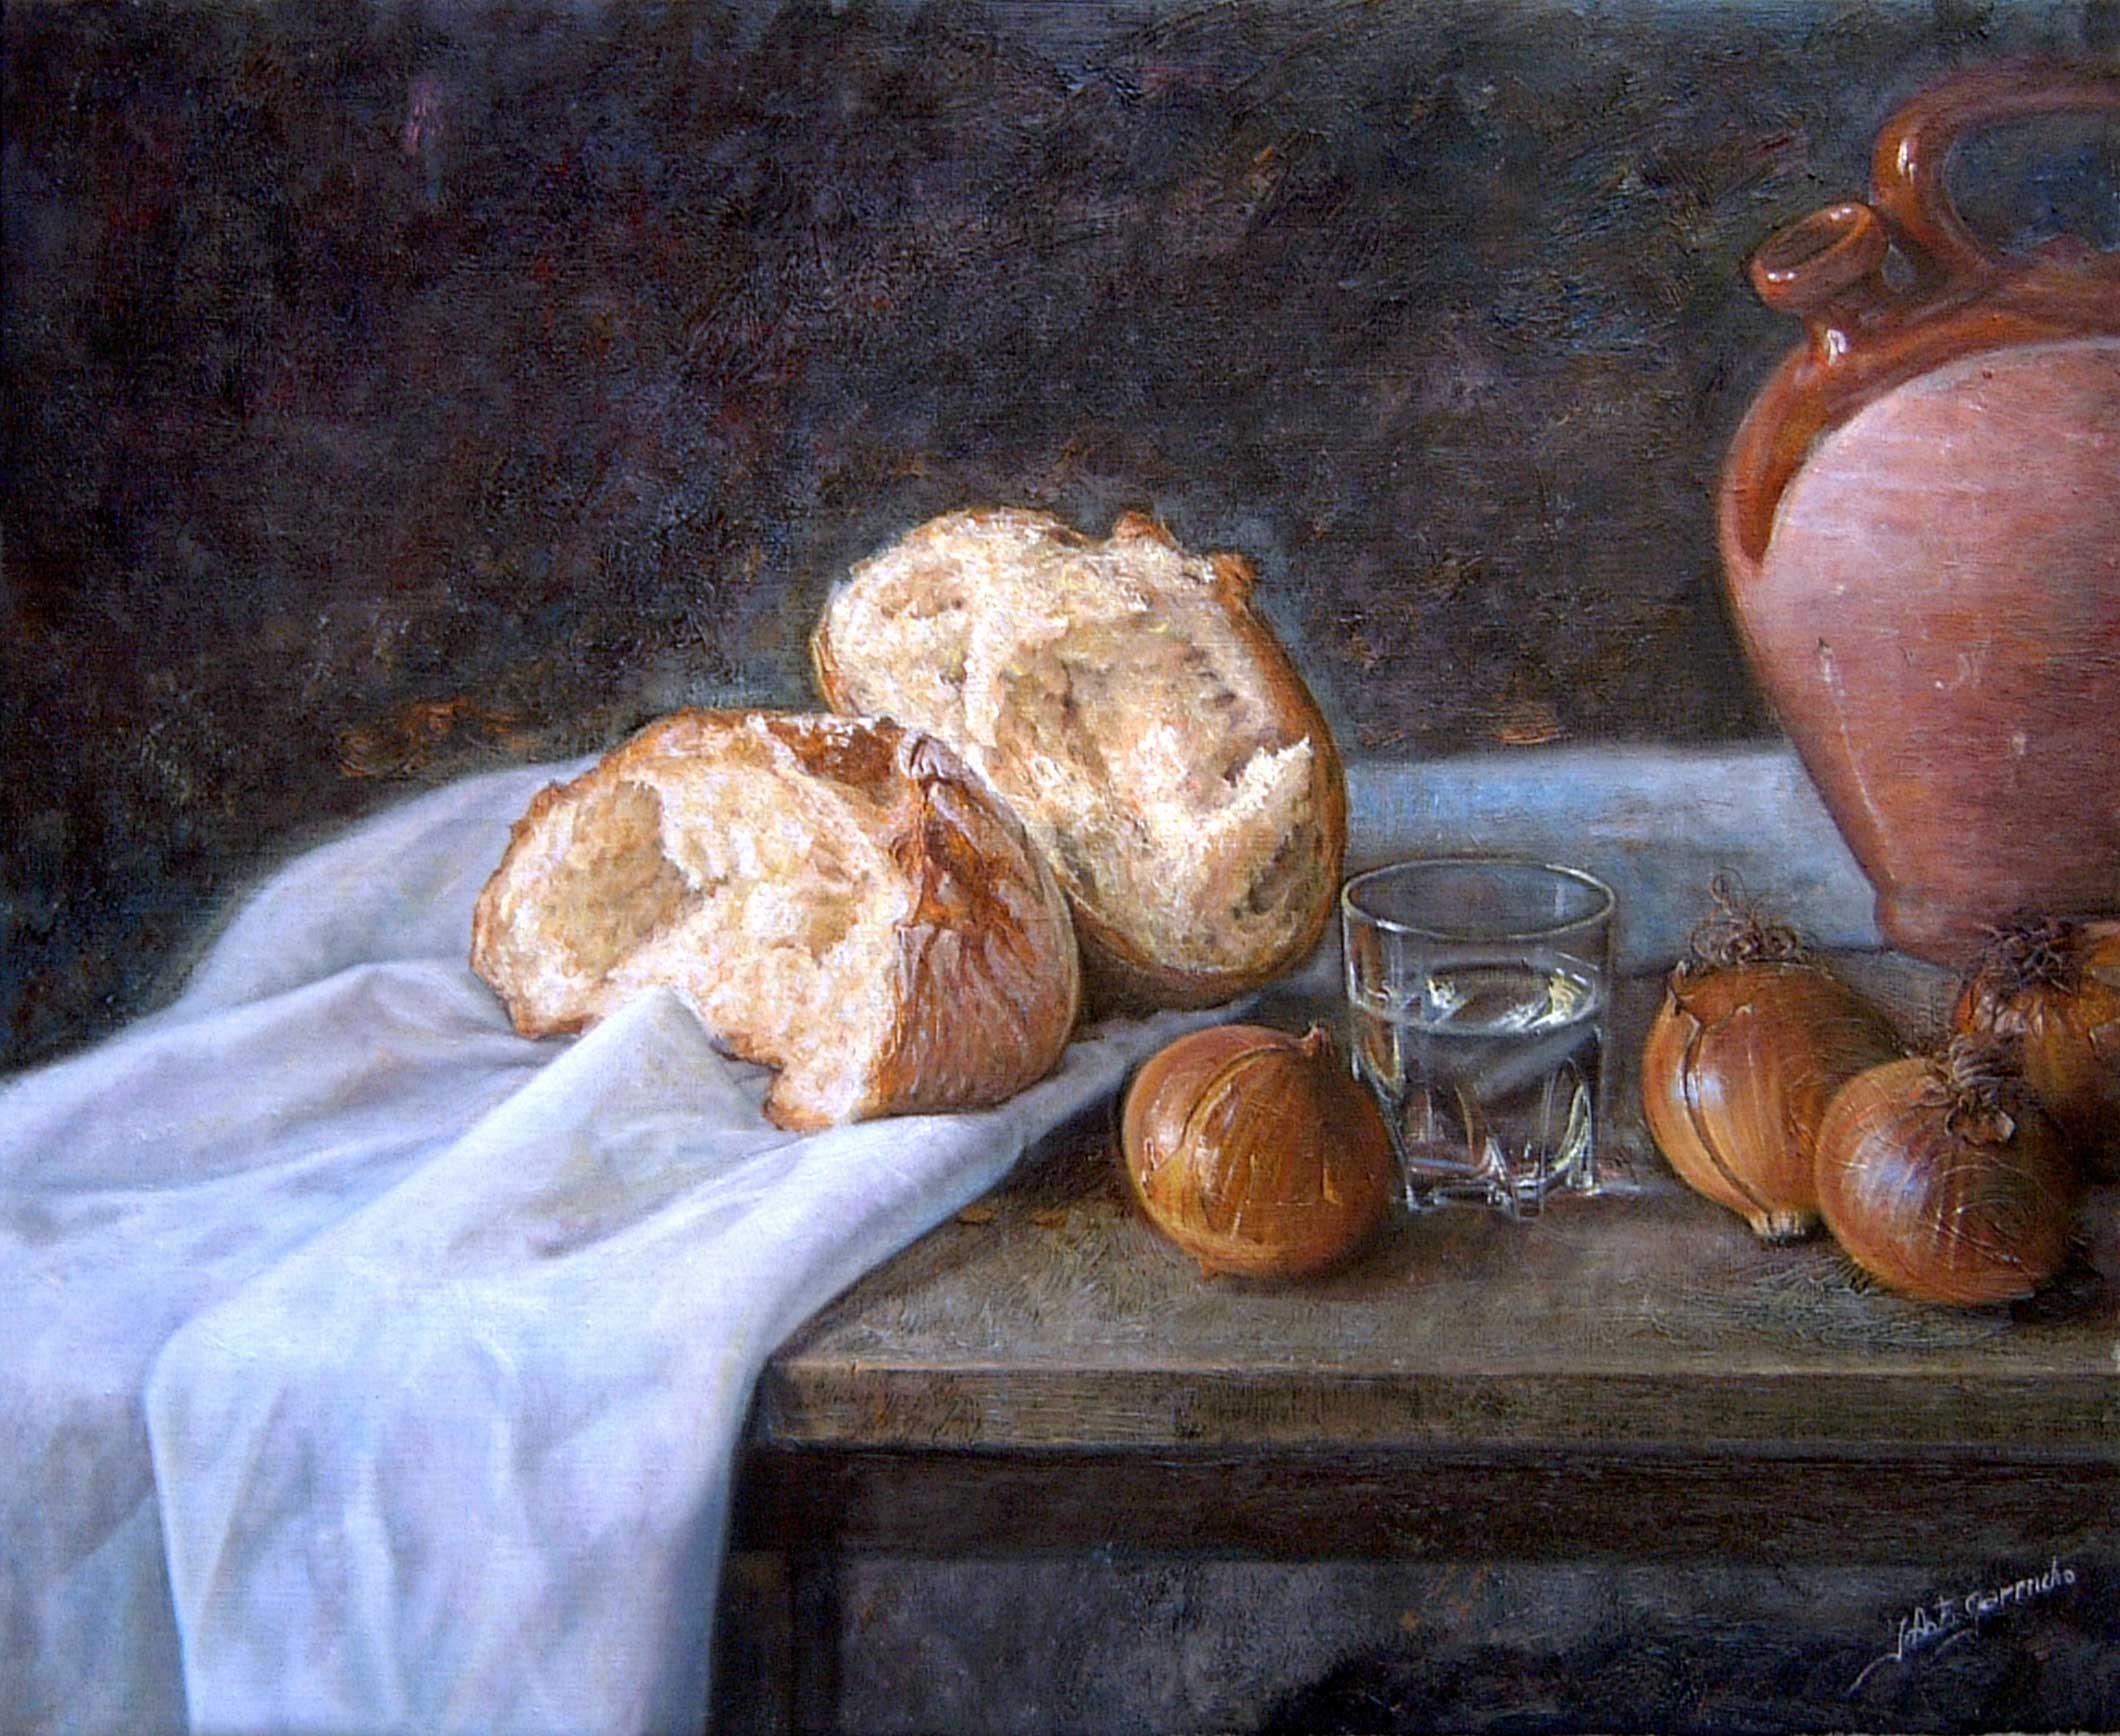 Pan, cebollas, vaso de agua y botijo